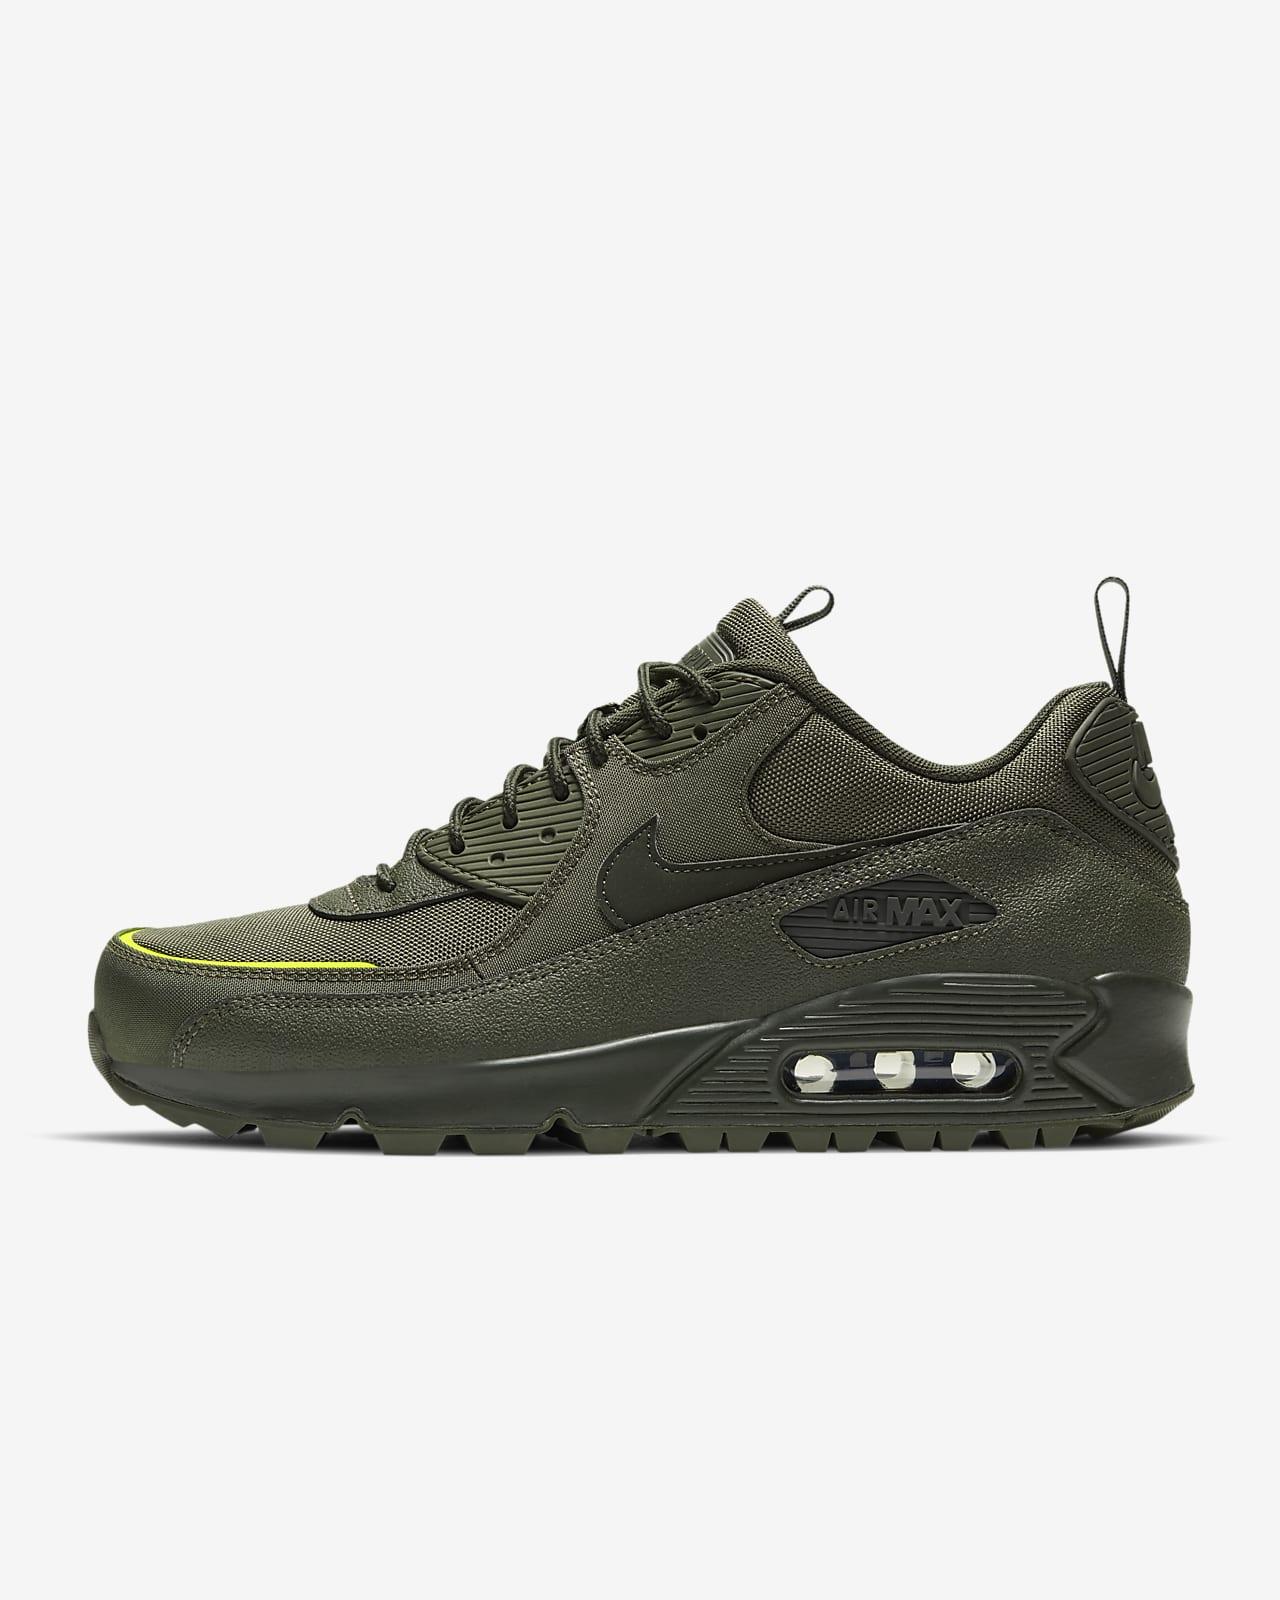 Nike Air Max 90 Surplus 男子运动鞋